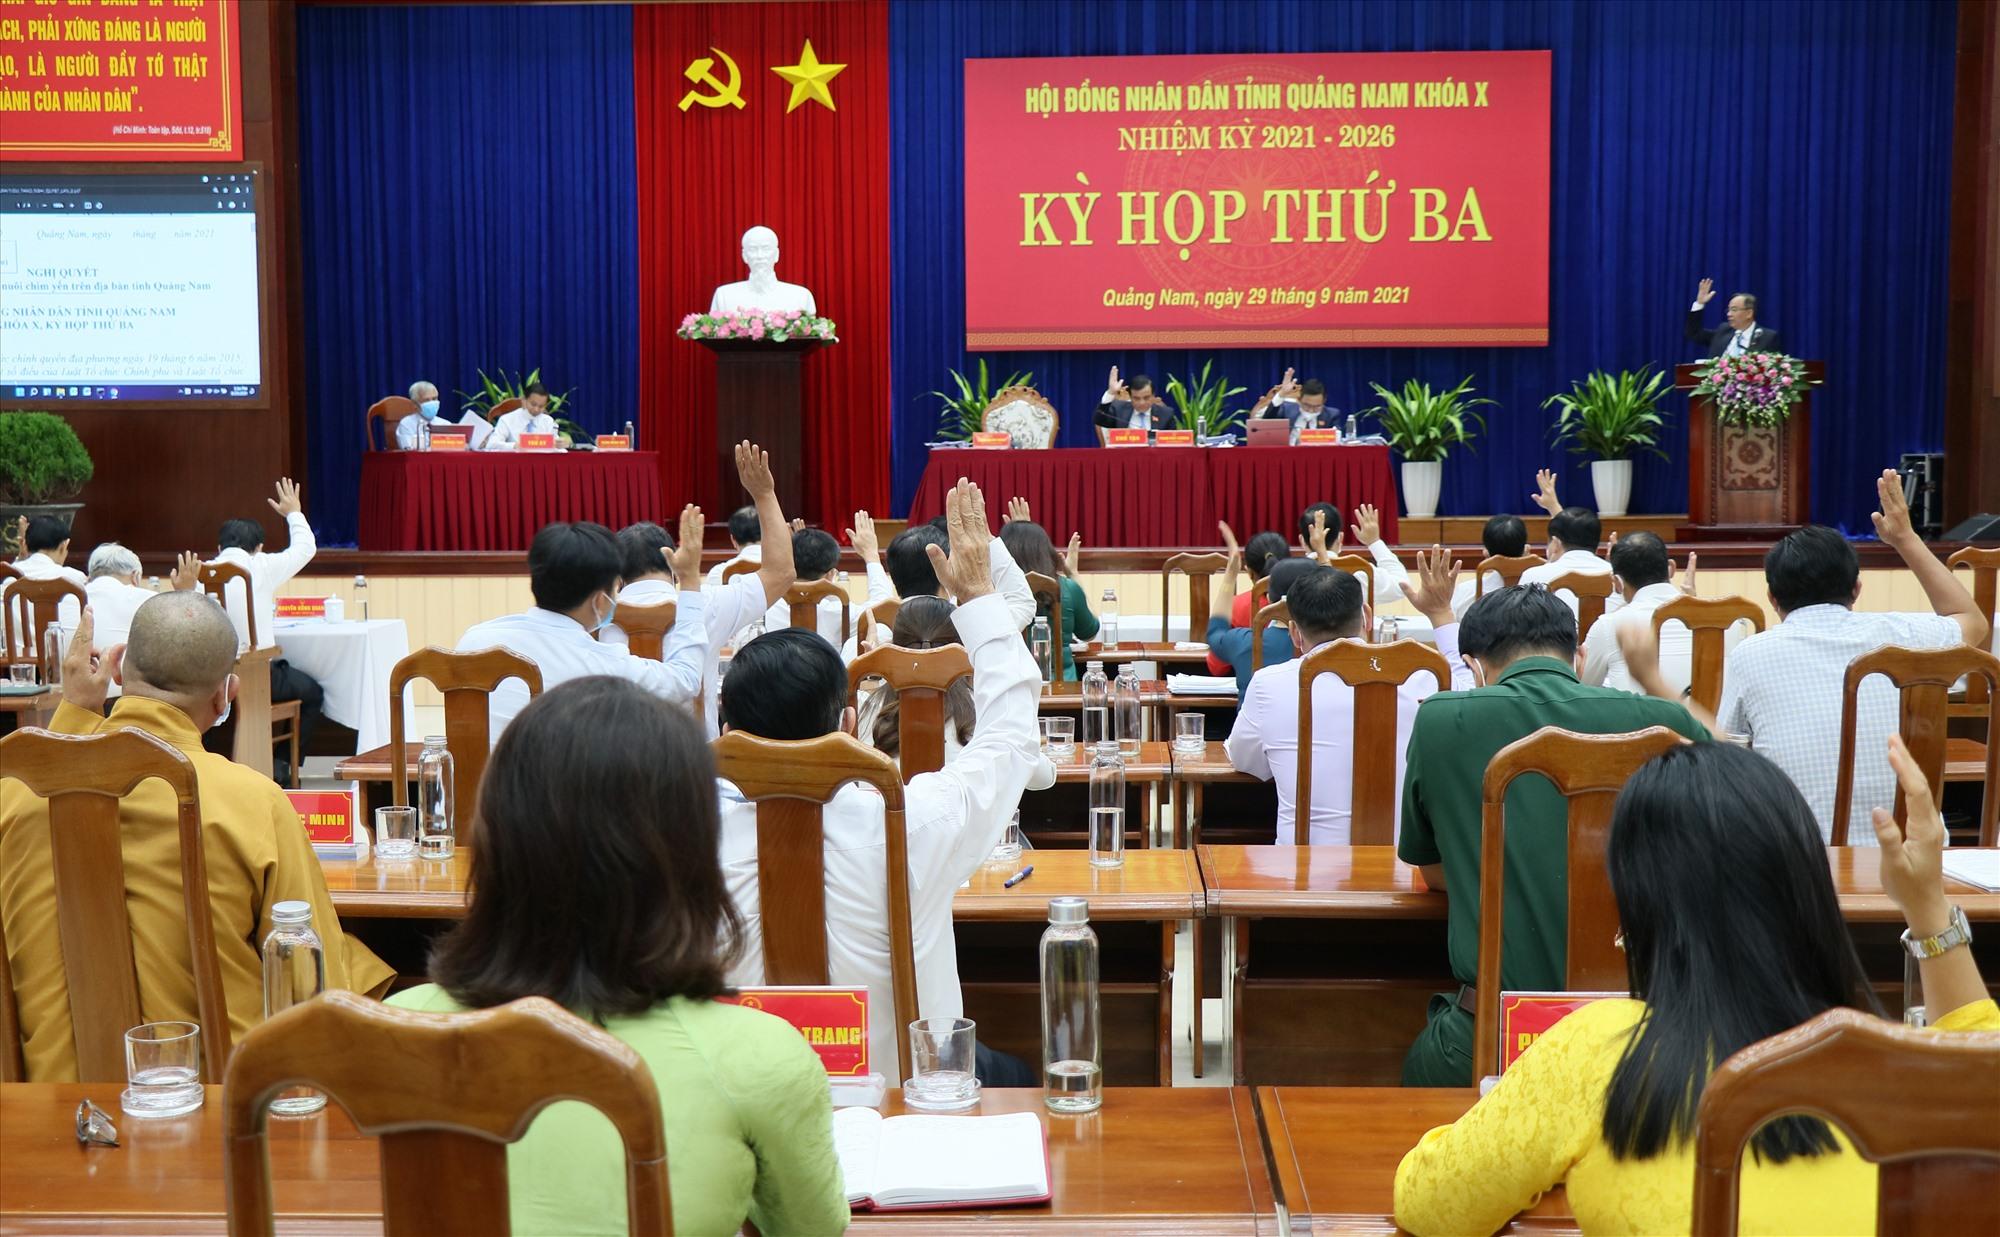 Đại biểu HĐND tỉnh biểu quyết thông qua các nghị quyết tại Kỳ họp thứ 3. Ảnh: N.Đ